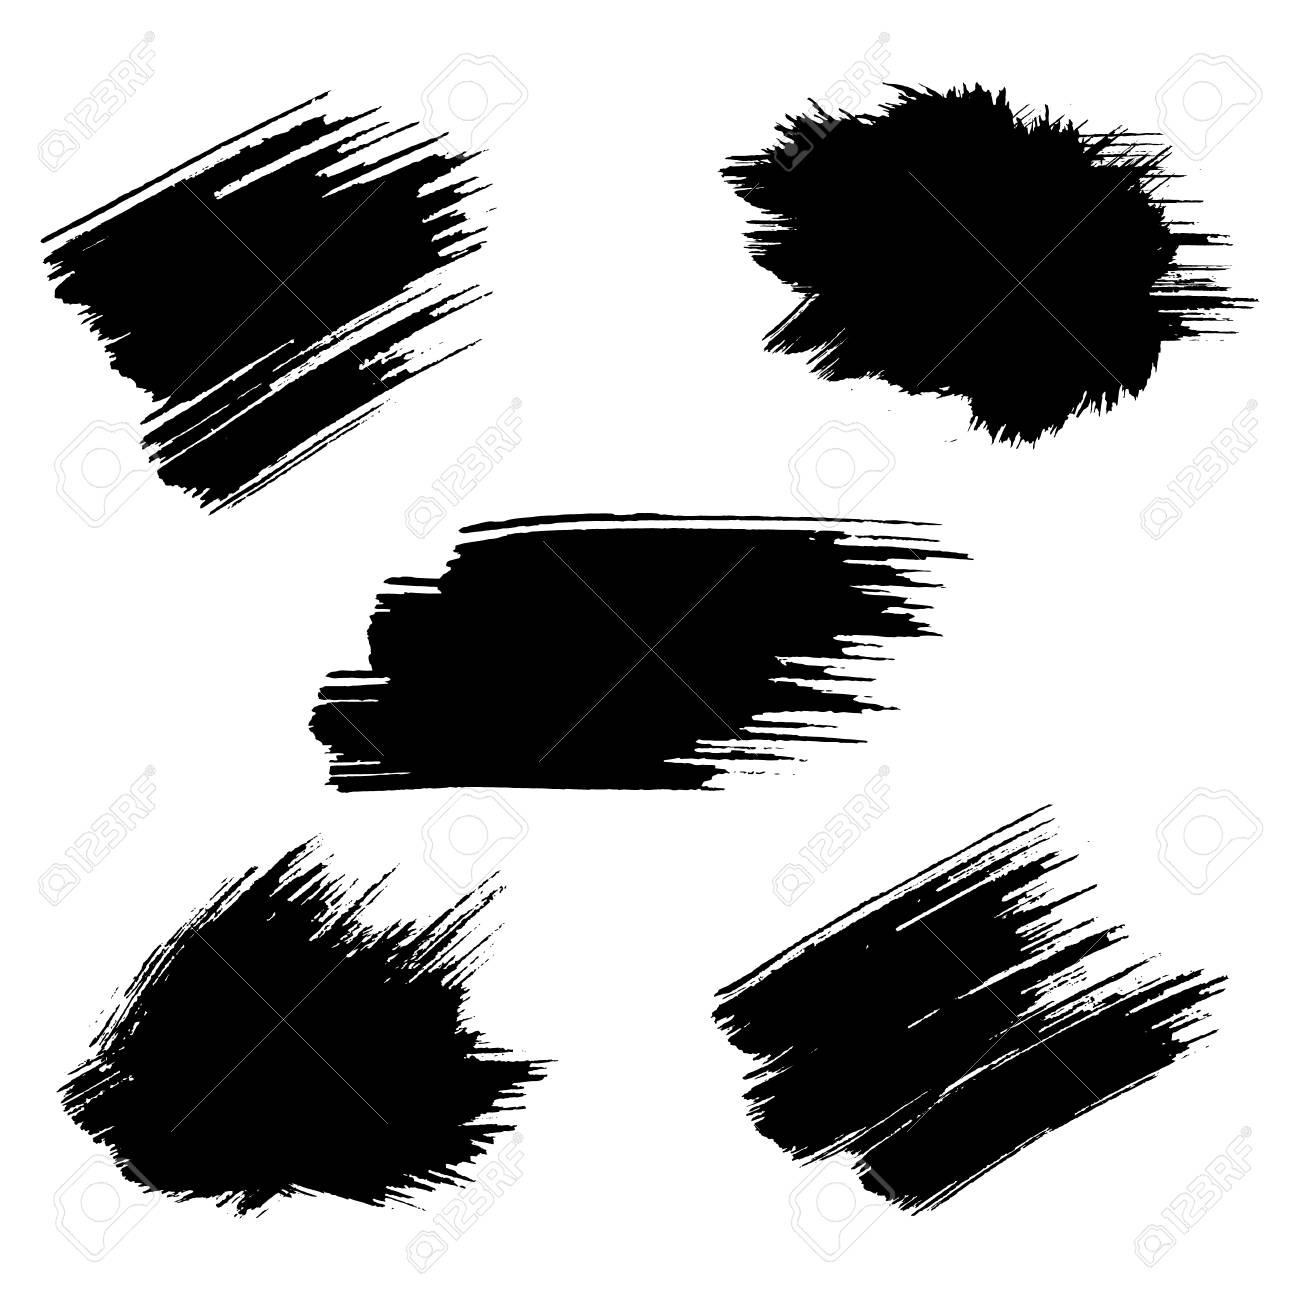 Conjunto De Pintura Negro, Pinceladas De Tinta, Pinceles, Líneas ...